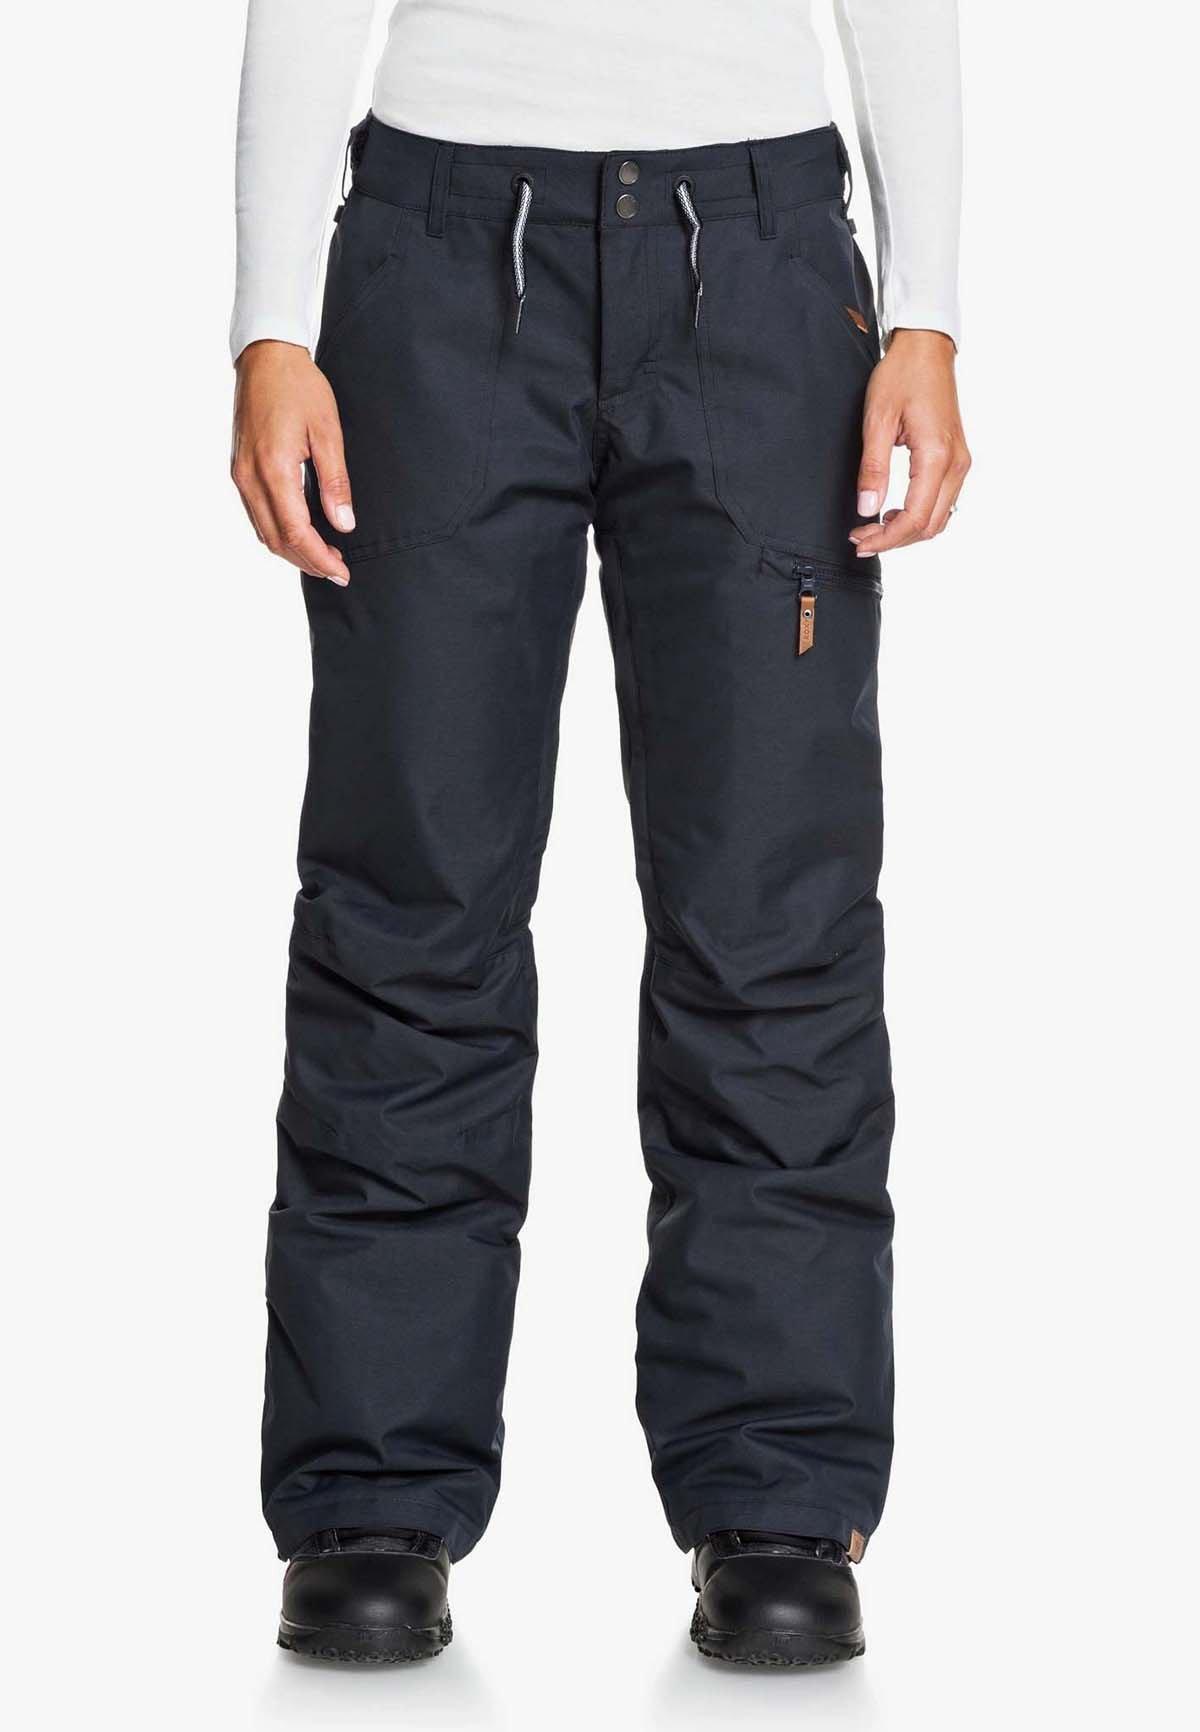 Femme NADIA - ERJTP - Pantalon de ski